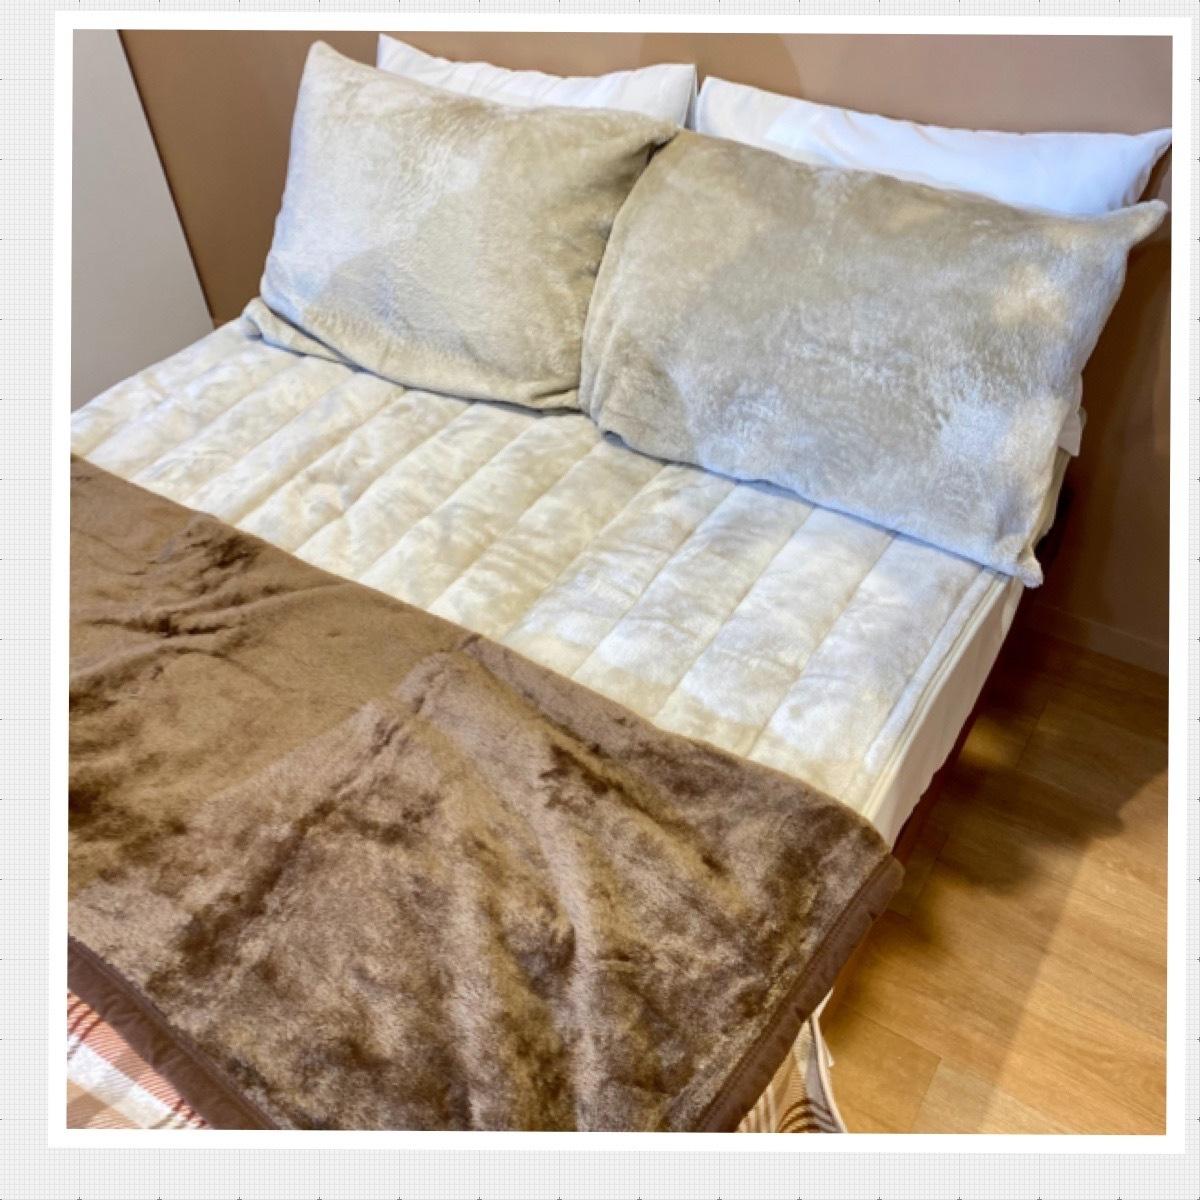 ユニクロ UNIQLO 2021 2022 秋冬 展示会 レポート 新作 おすすめ ヒートテック エアリズム 寝具 インテリア ベッド 毛布 敷きパッド 枕カバー